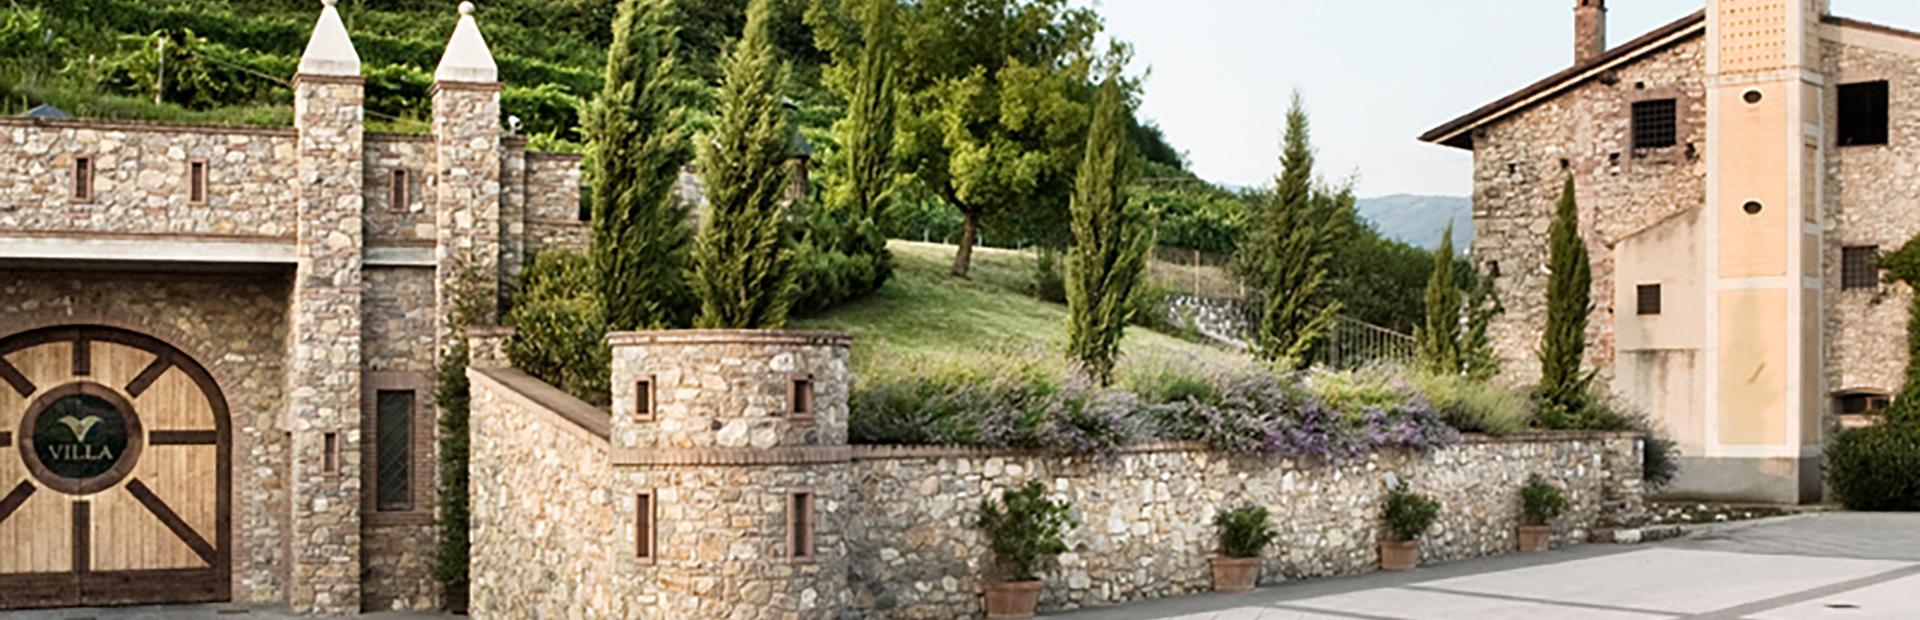 piazzale Villa1